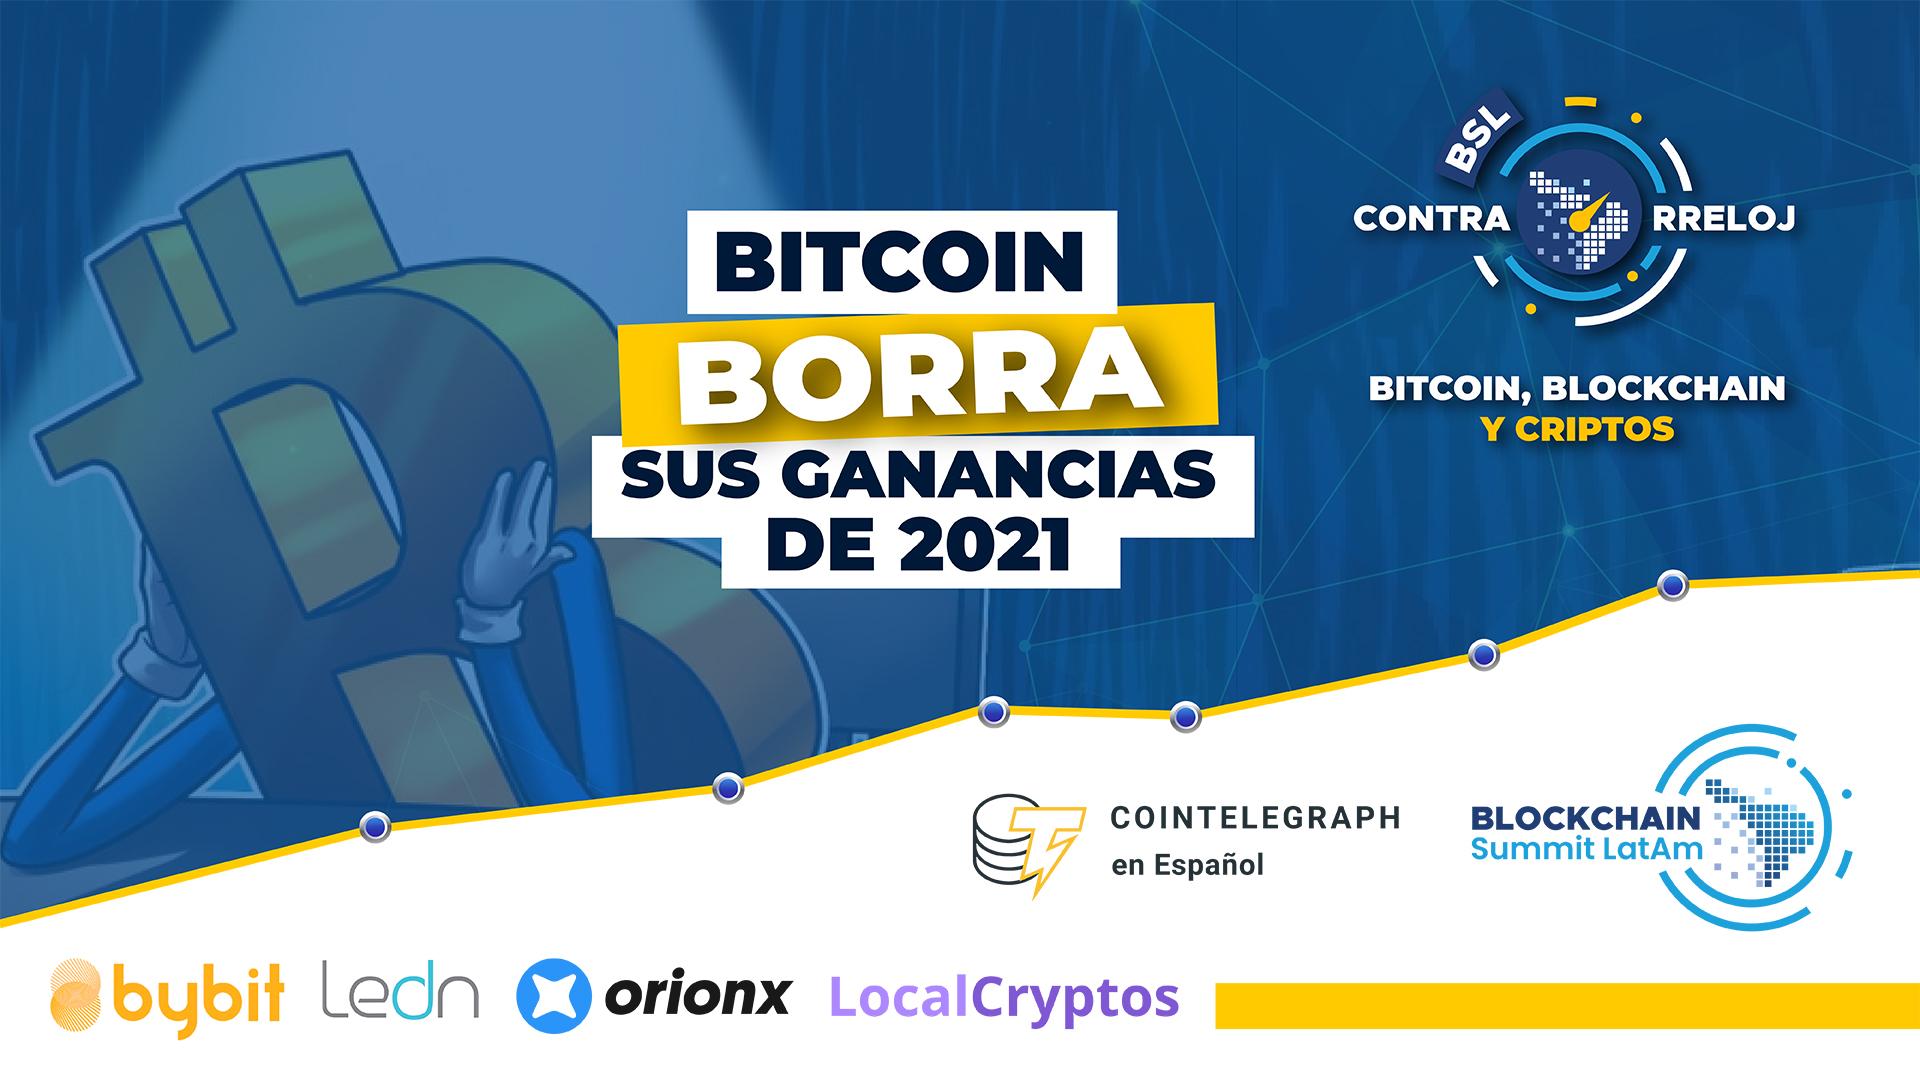 bslContrarreloj Bitcoin borra ganancias de 2021, regulación wallets UE, 4ta caída dificultad